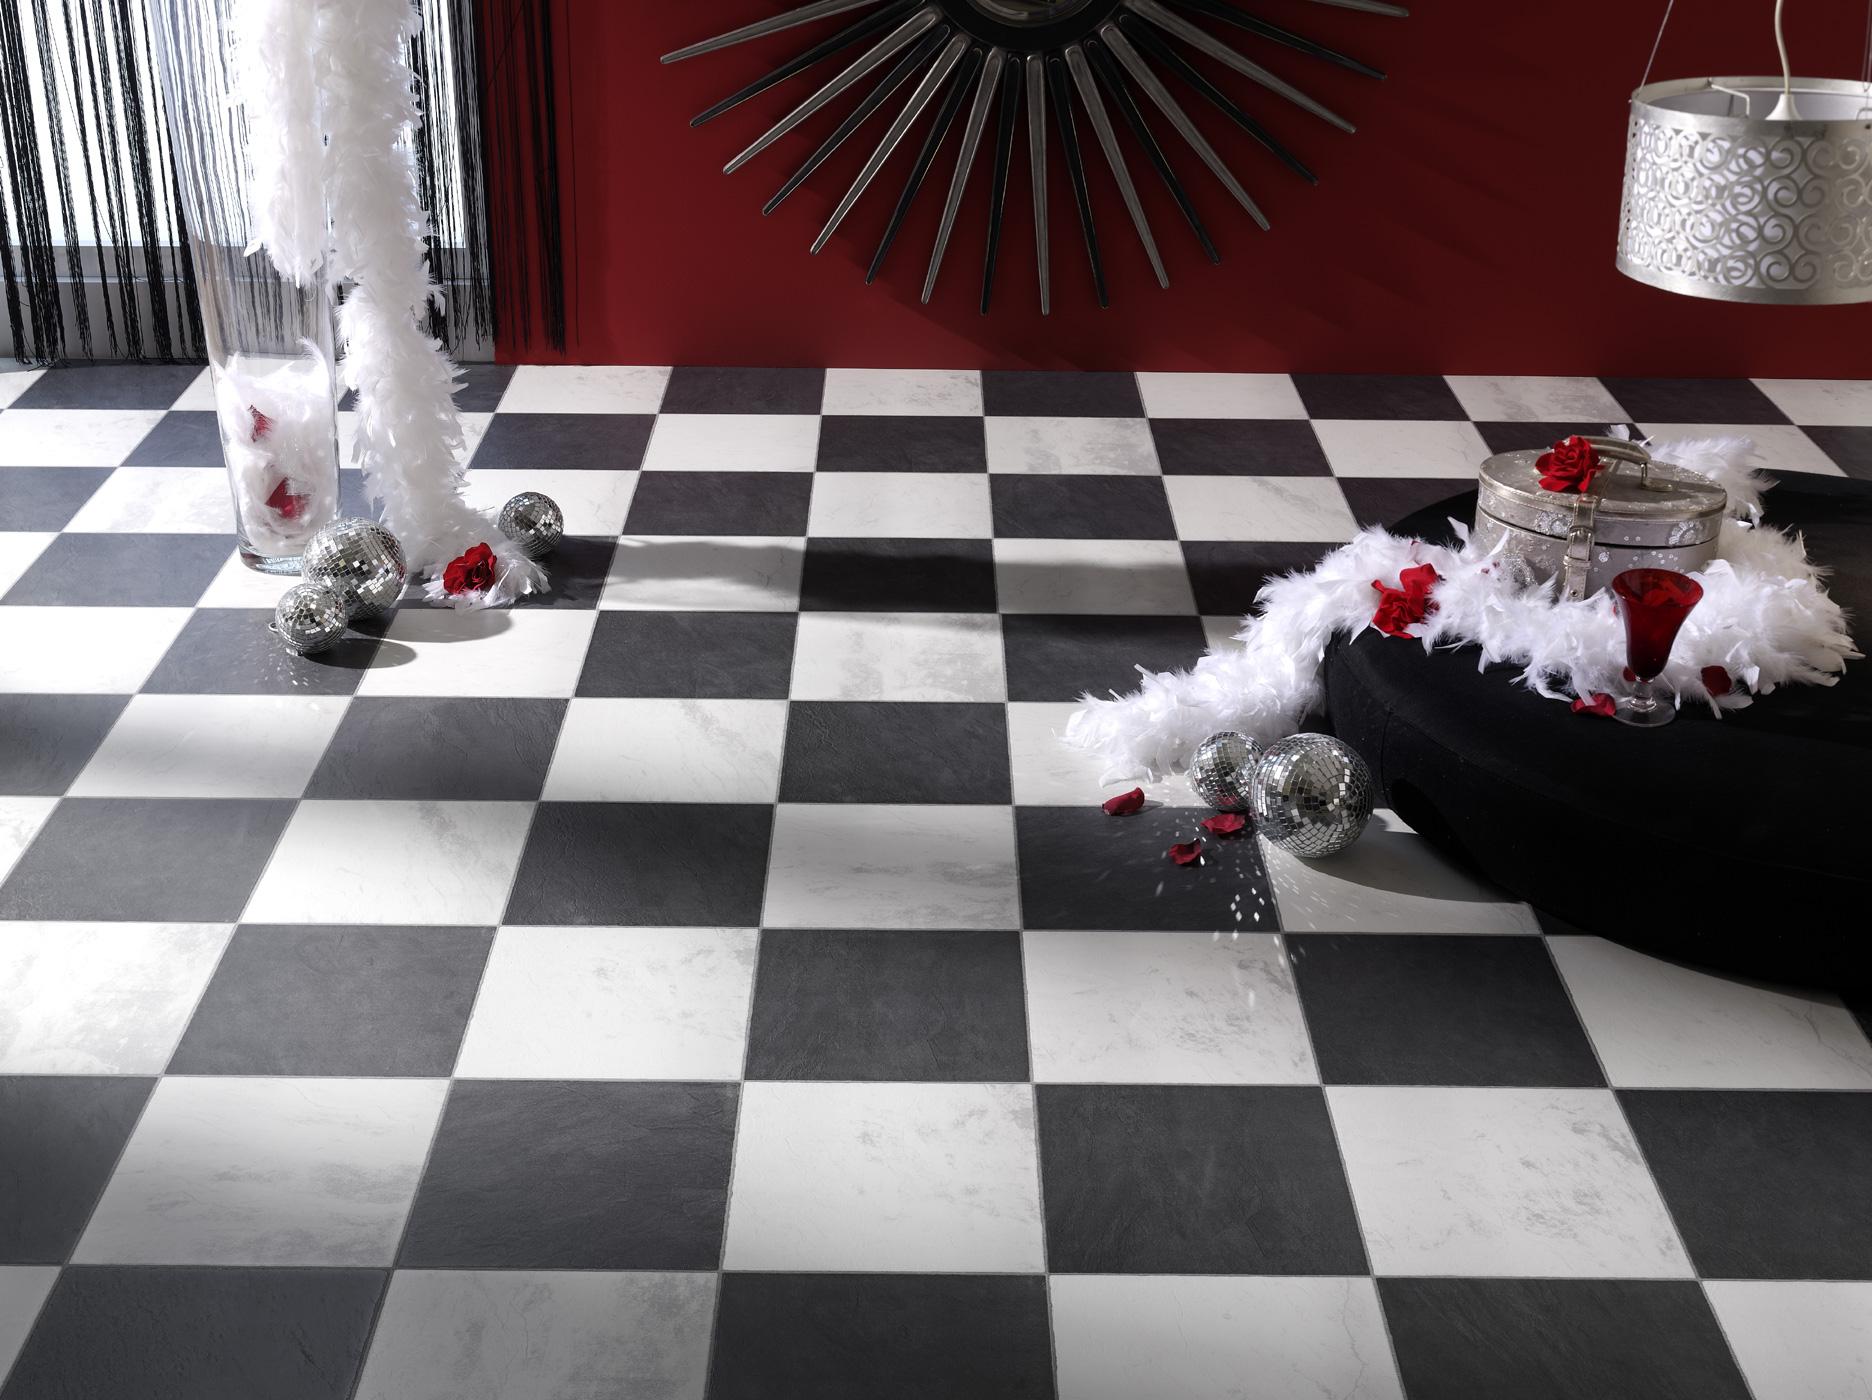 Faus laminaat tegels chess black zwart wit geblokte vloer